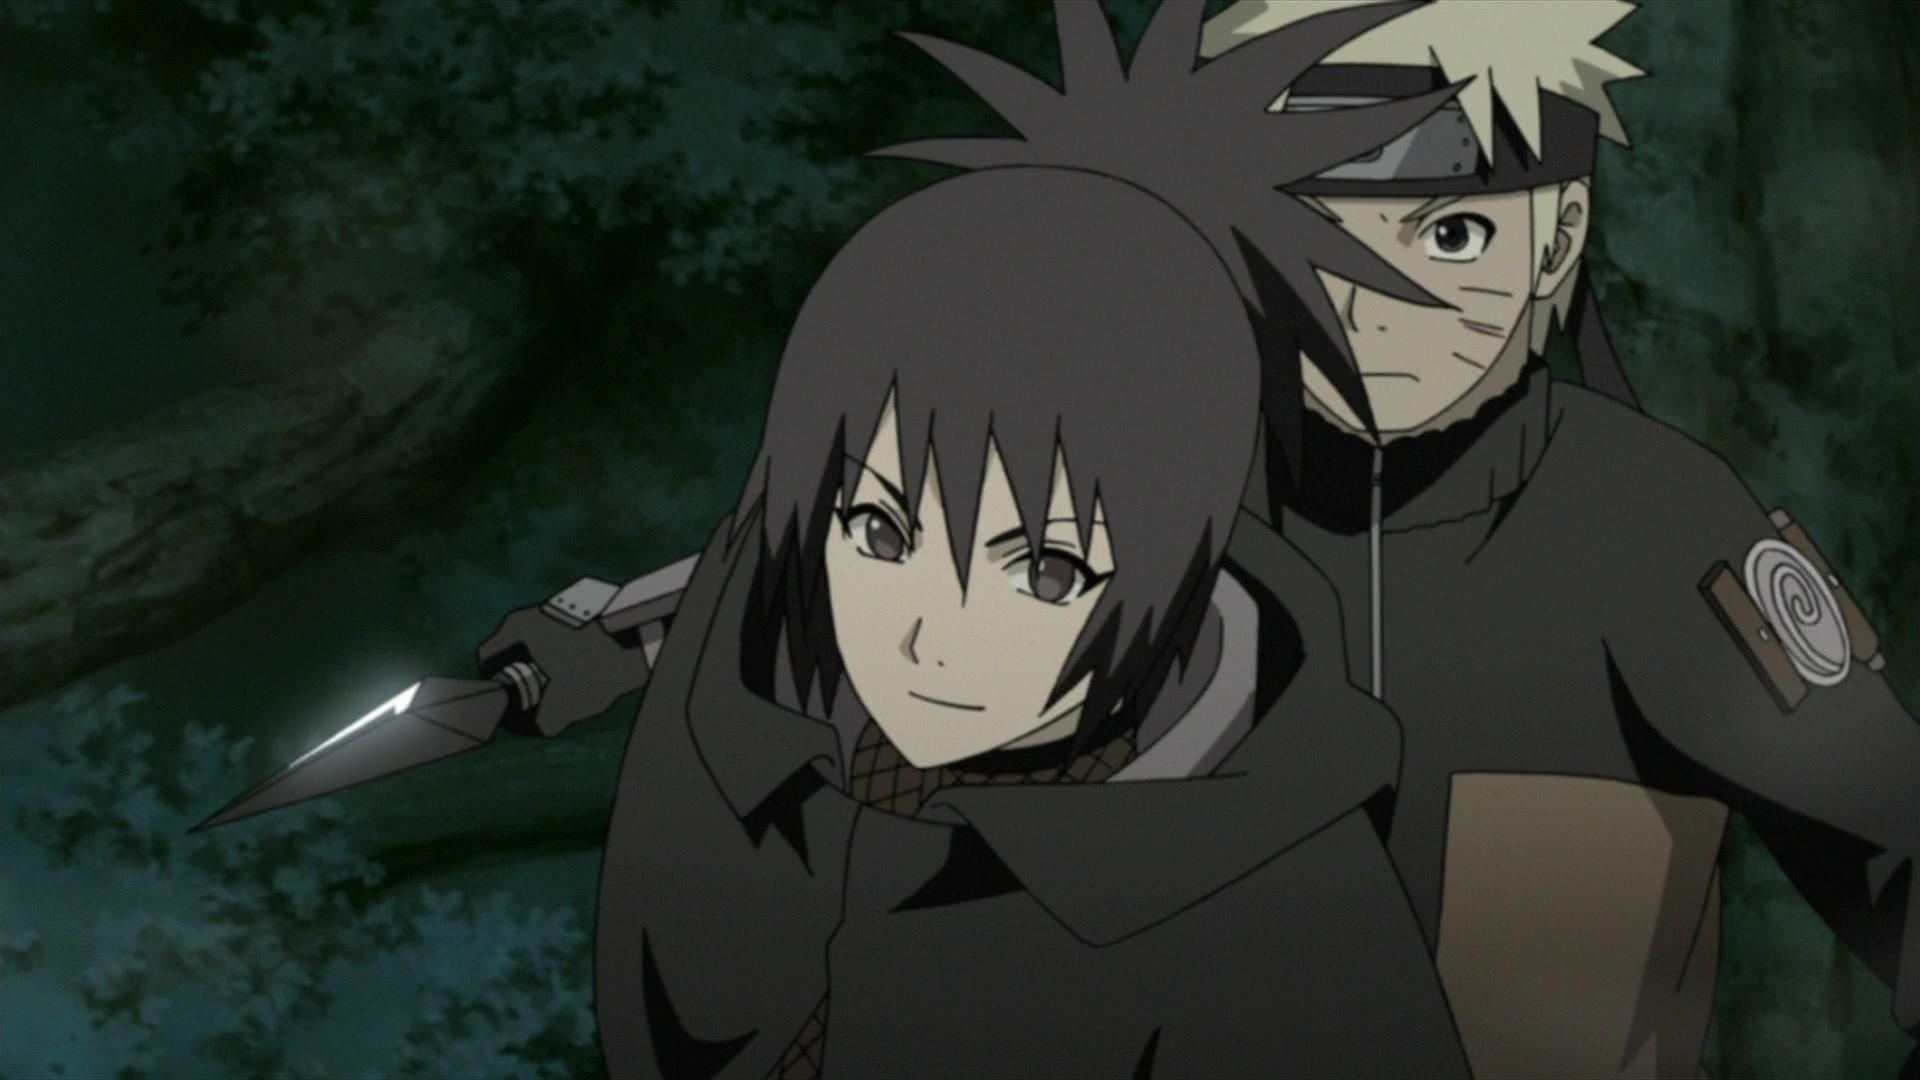 Naruto Shippuden: Season 17 Episode 445, Pursuers, - Watch